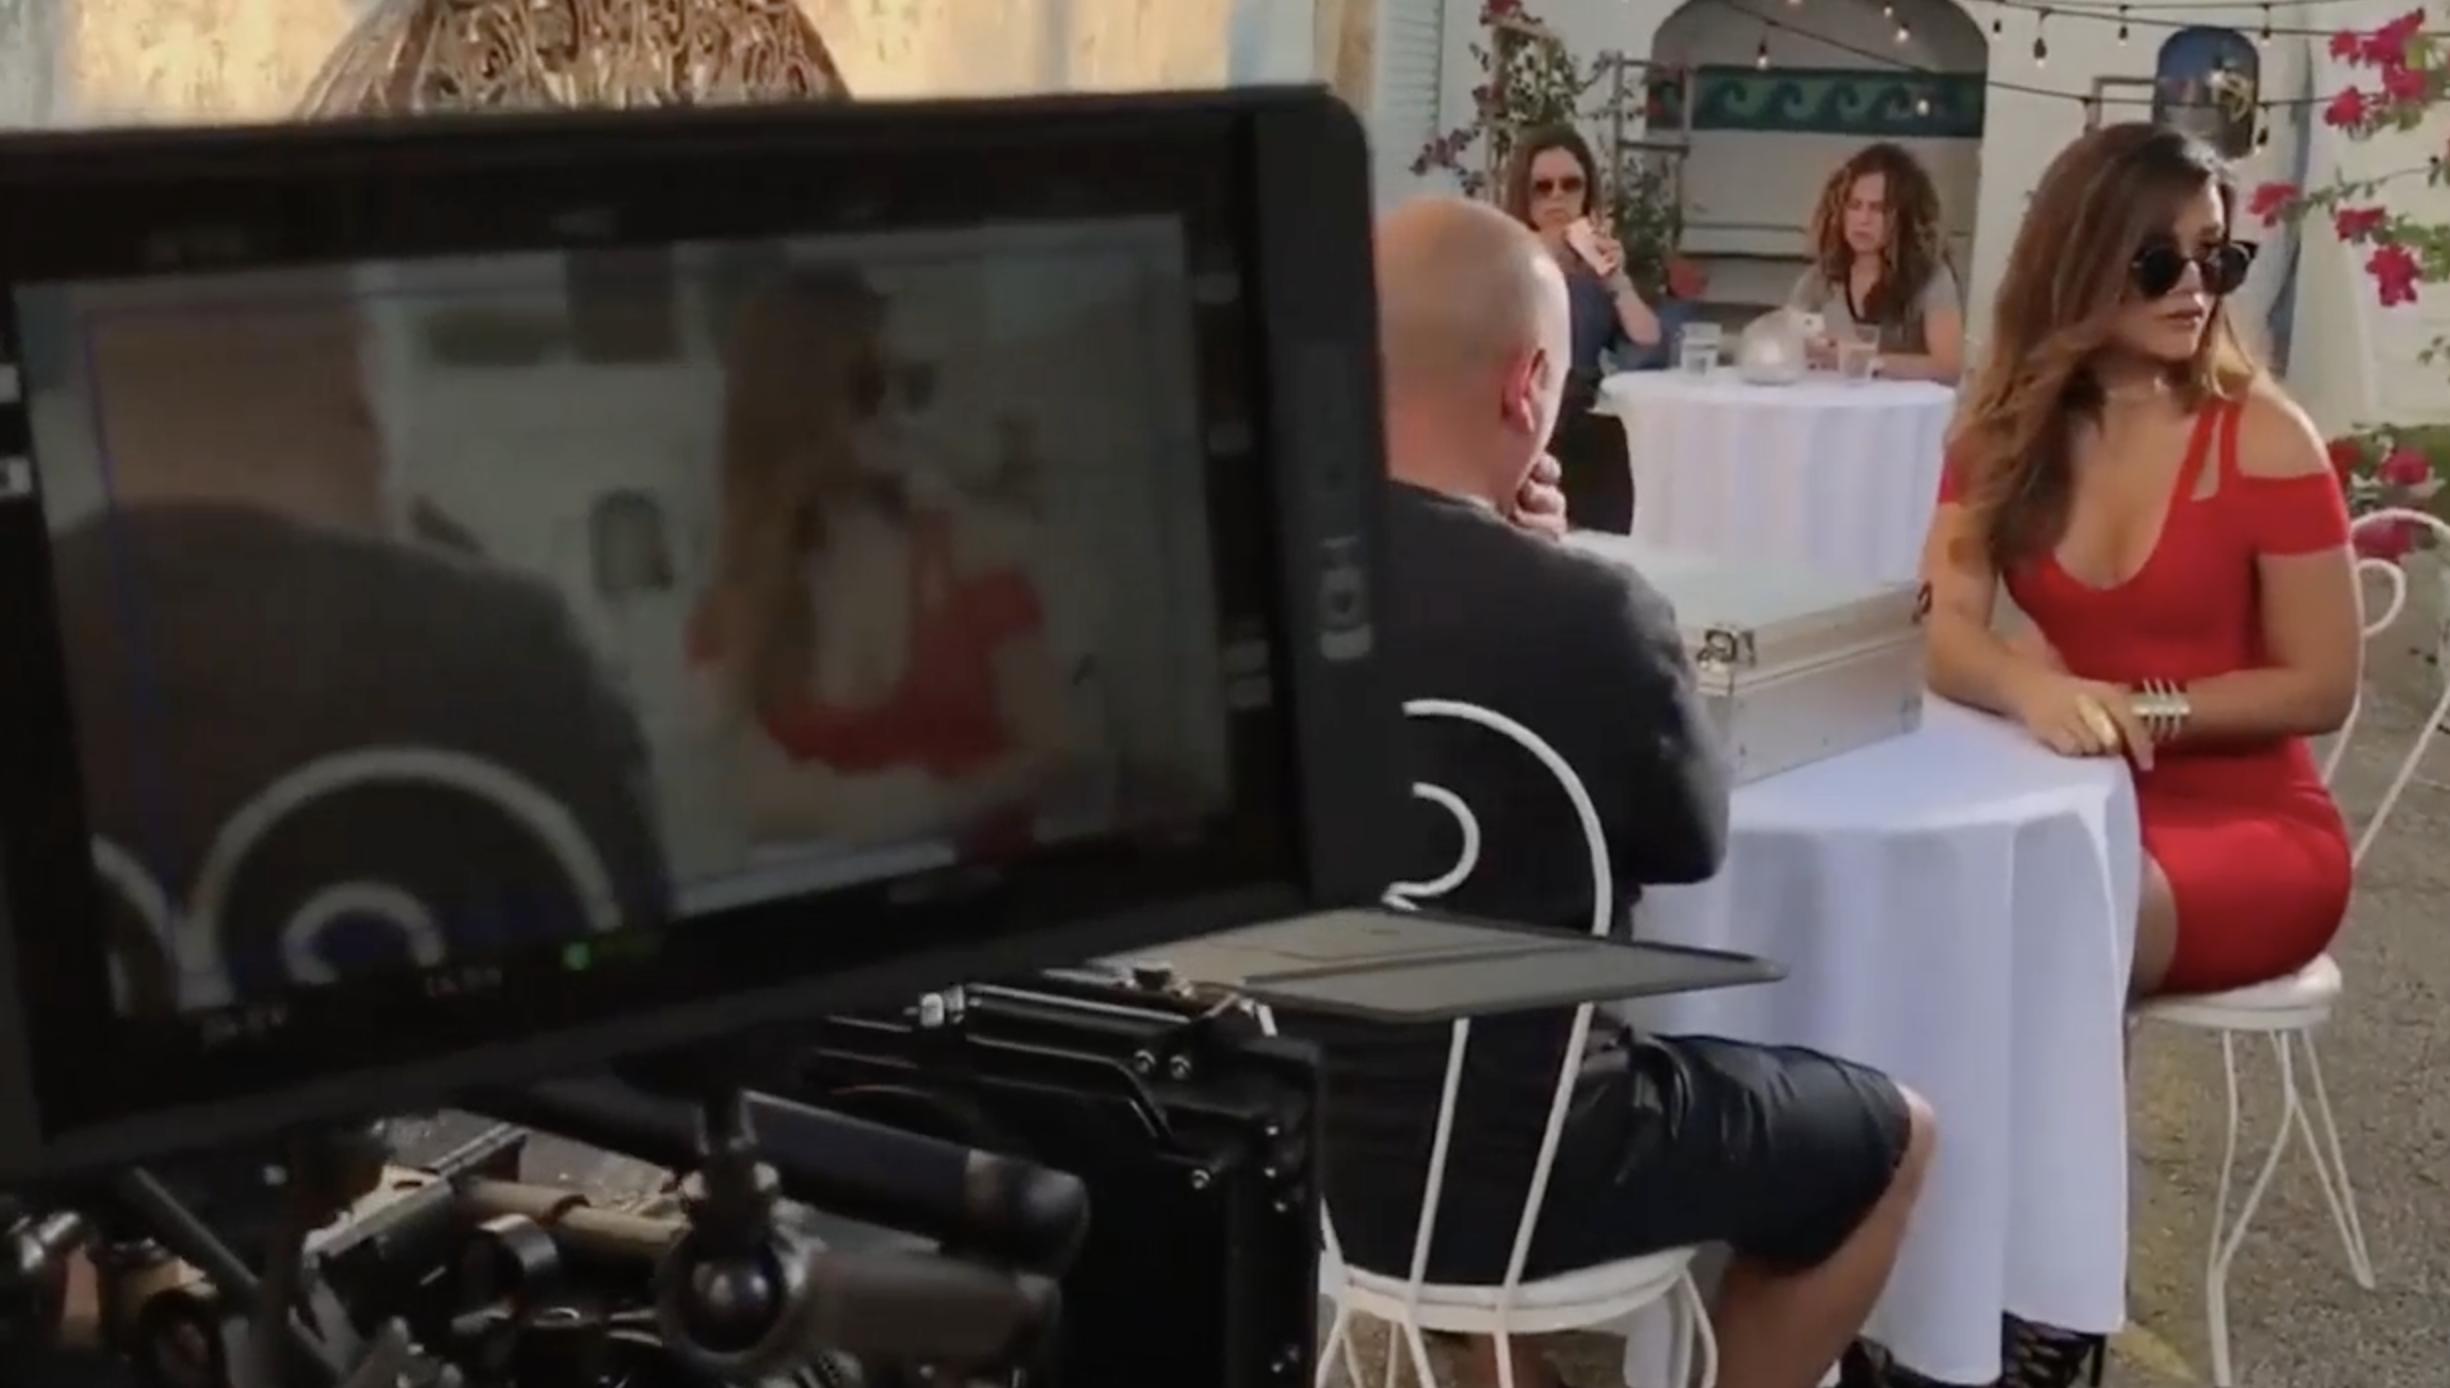 Mira Parte Del Detrás De Cámara De Las Escenas Grabadas Por Clarissa Molina Para La Promoción La Película XXX